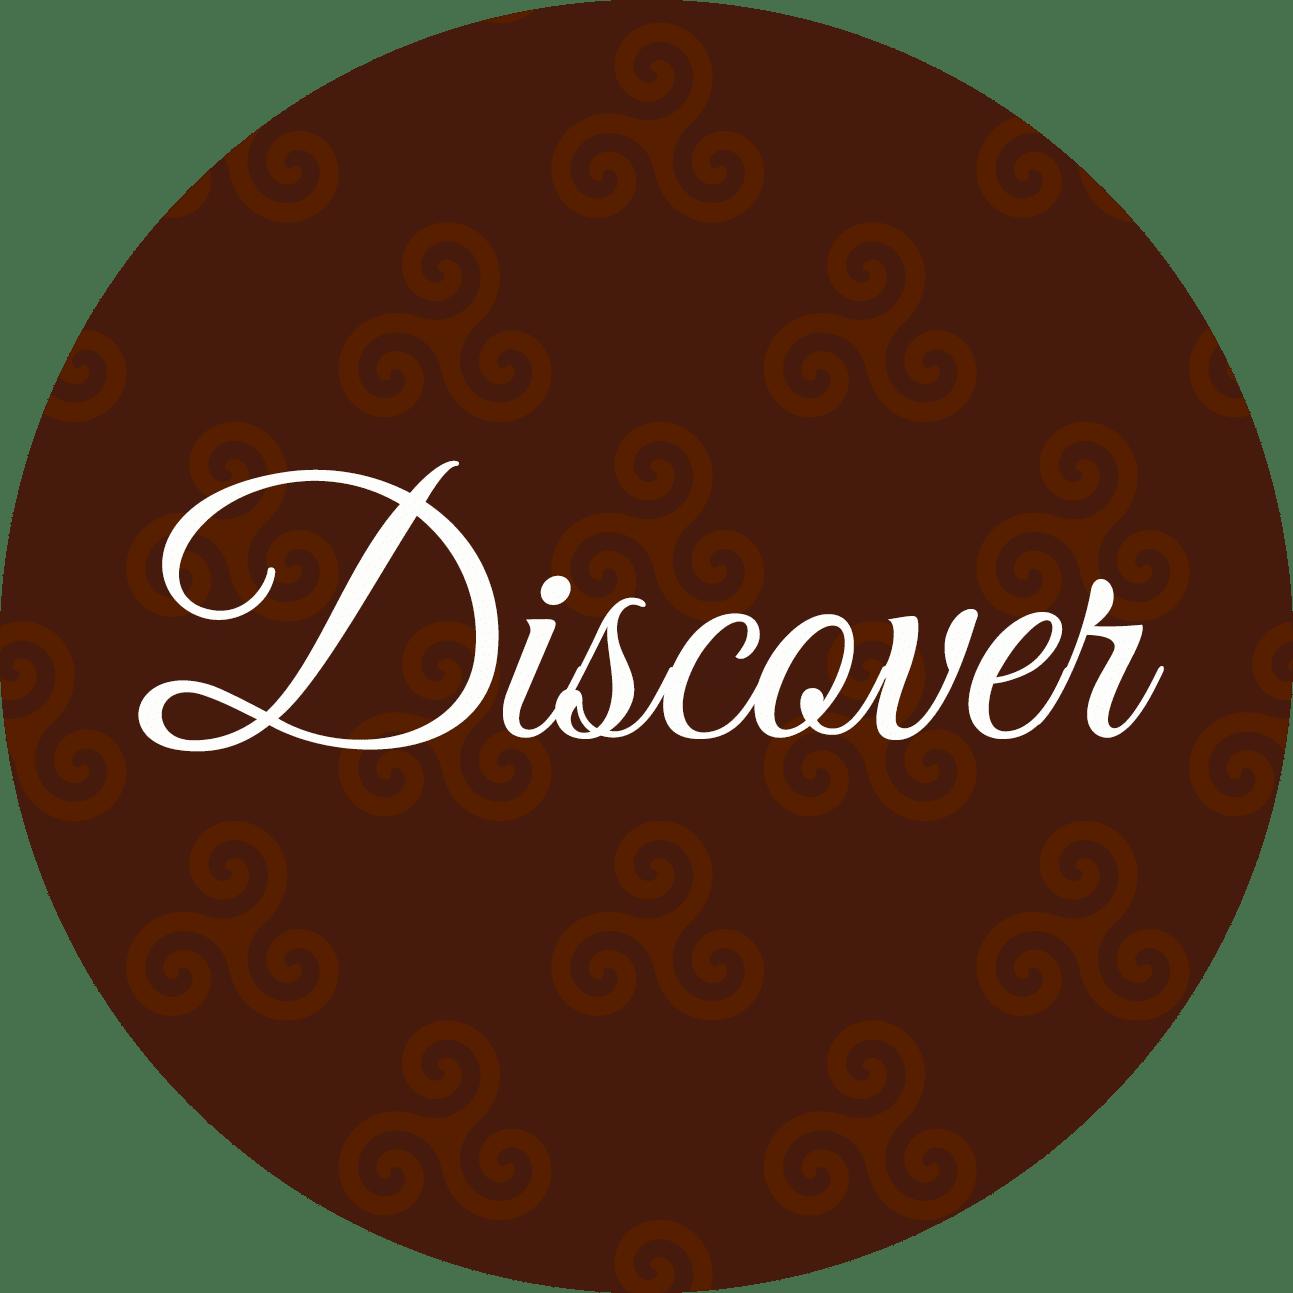 discover-kerne